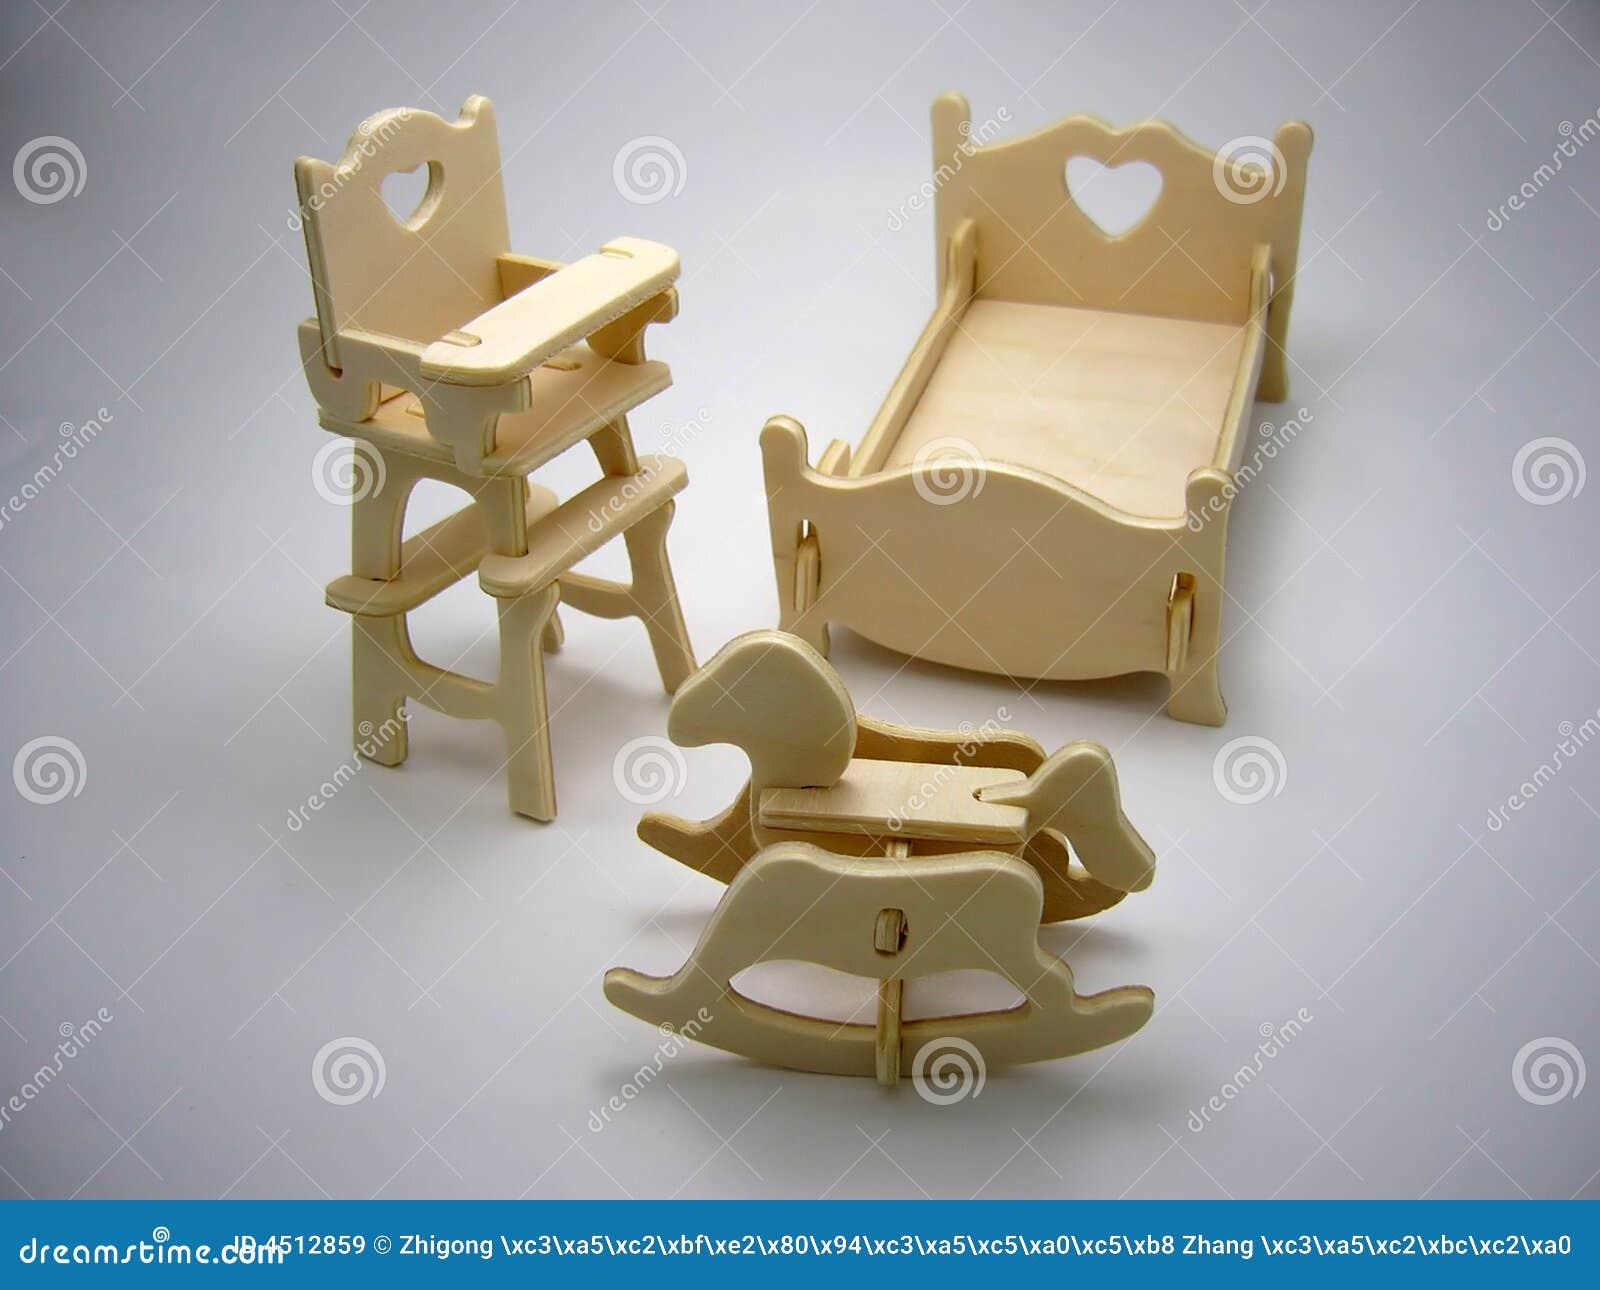 Muebles de madera del juguete dormitorio im genes de - Muebles para cds madera ...